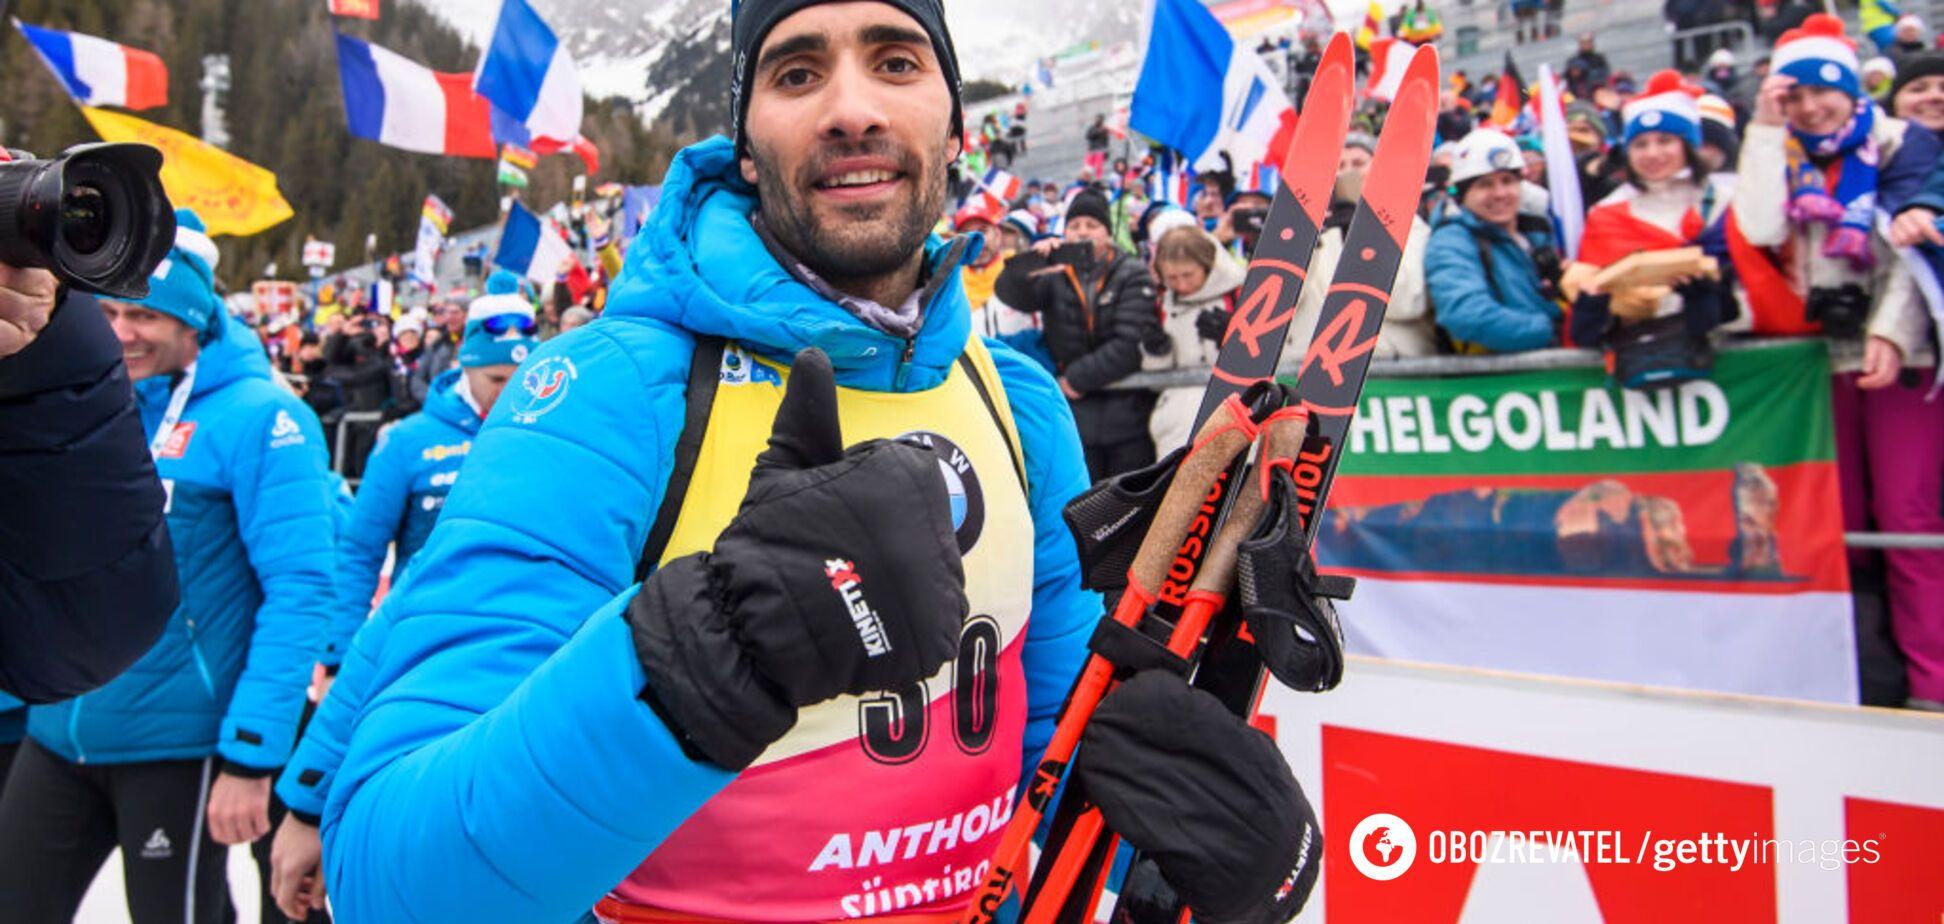 'Пишаюся поверненням': Фуркад прокоментував перемогу на чемпіонаті світу з біатлону